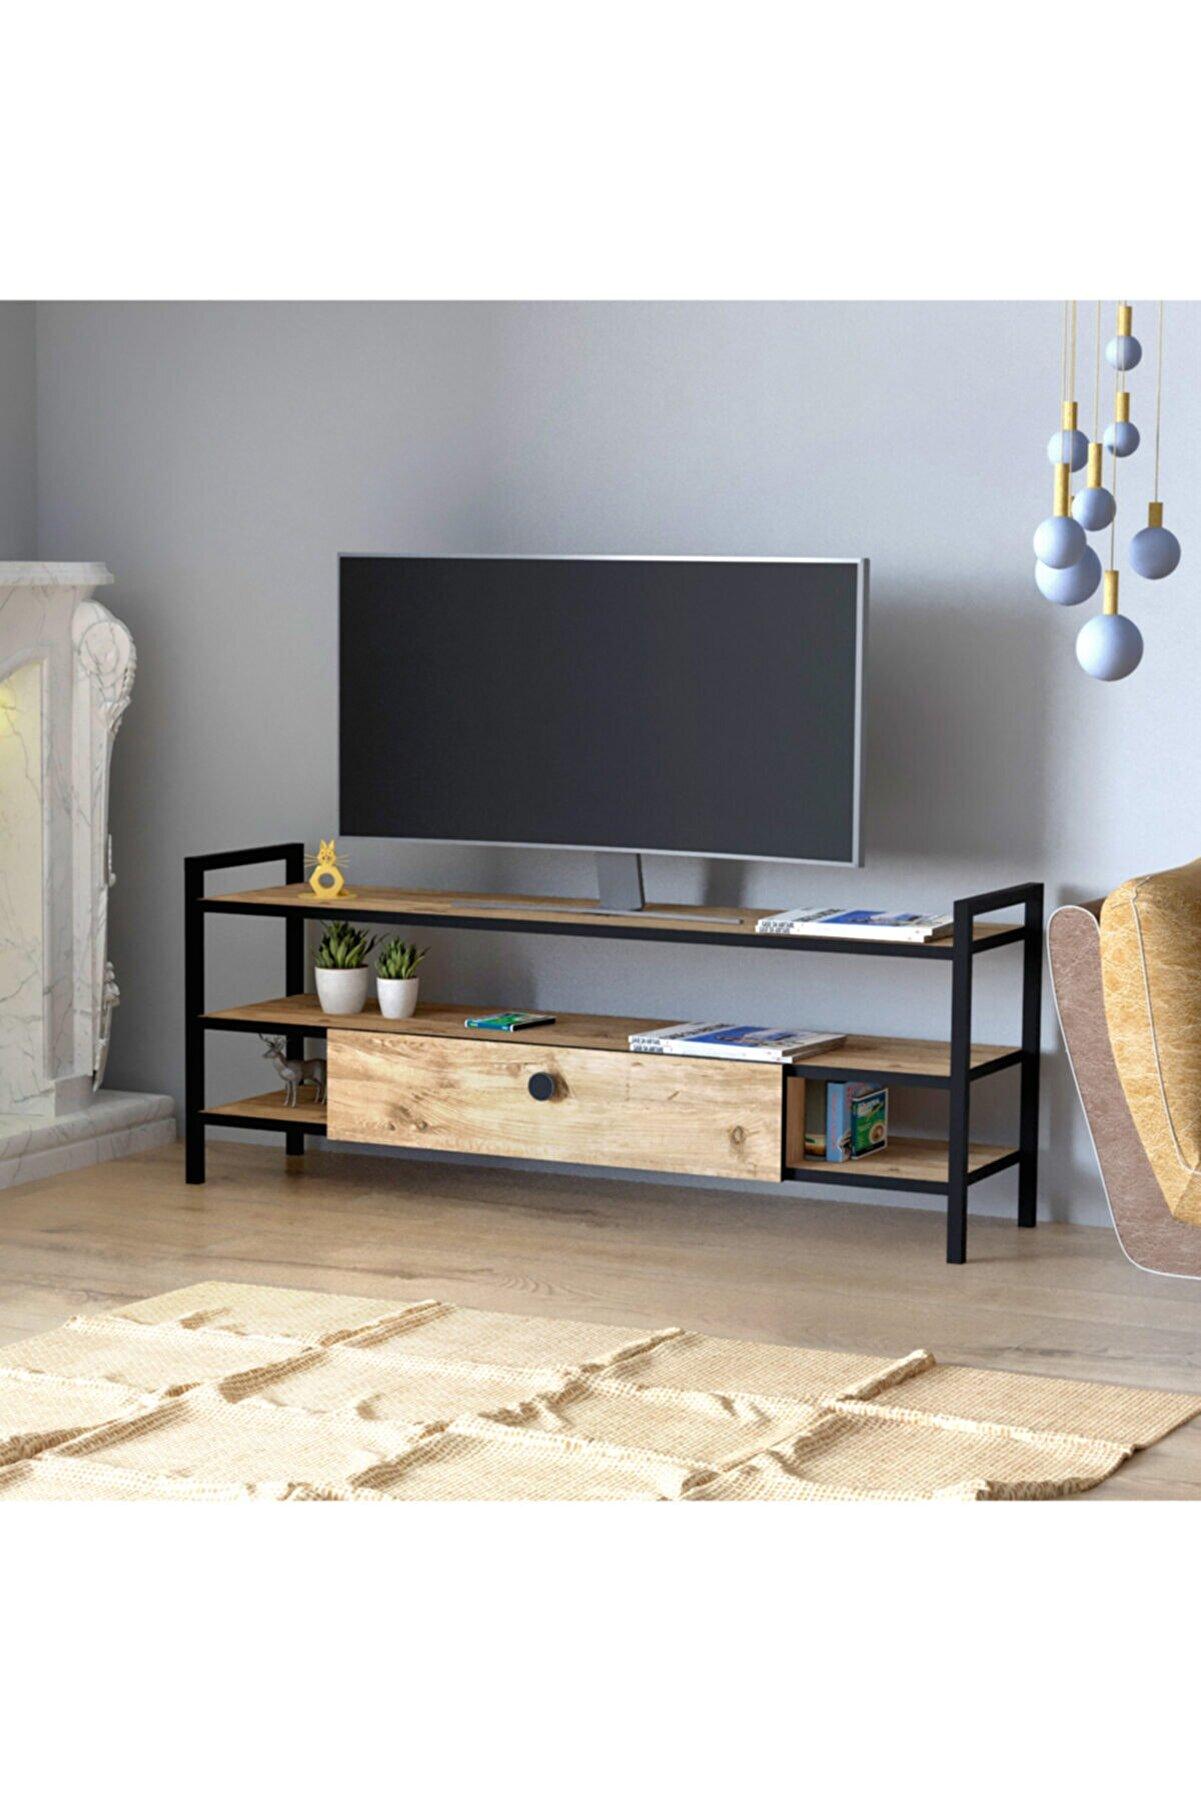 decoAlife Sedef Metal Ayaklı Çam Televizyon Sehpası